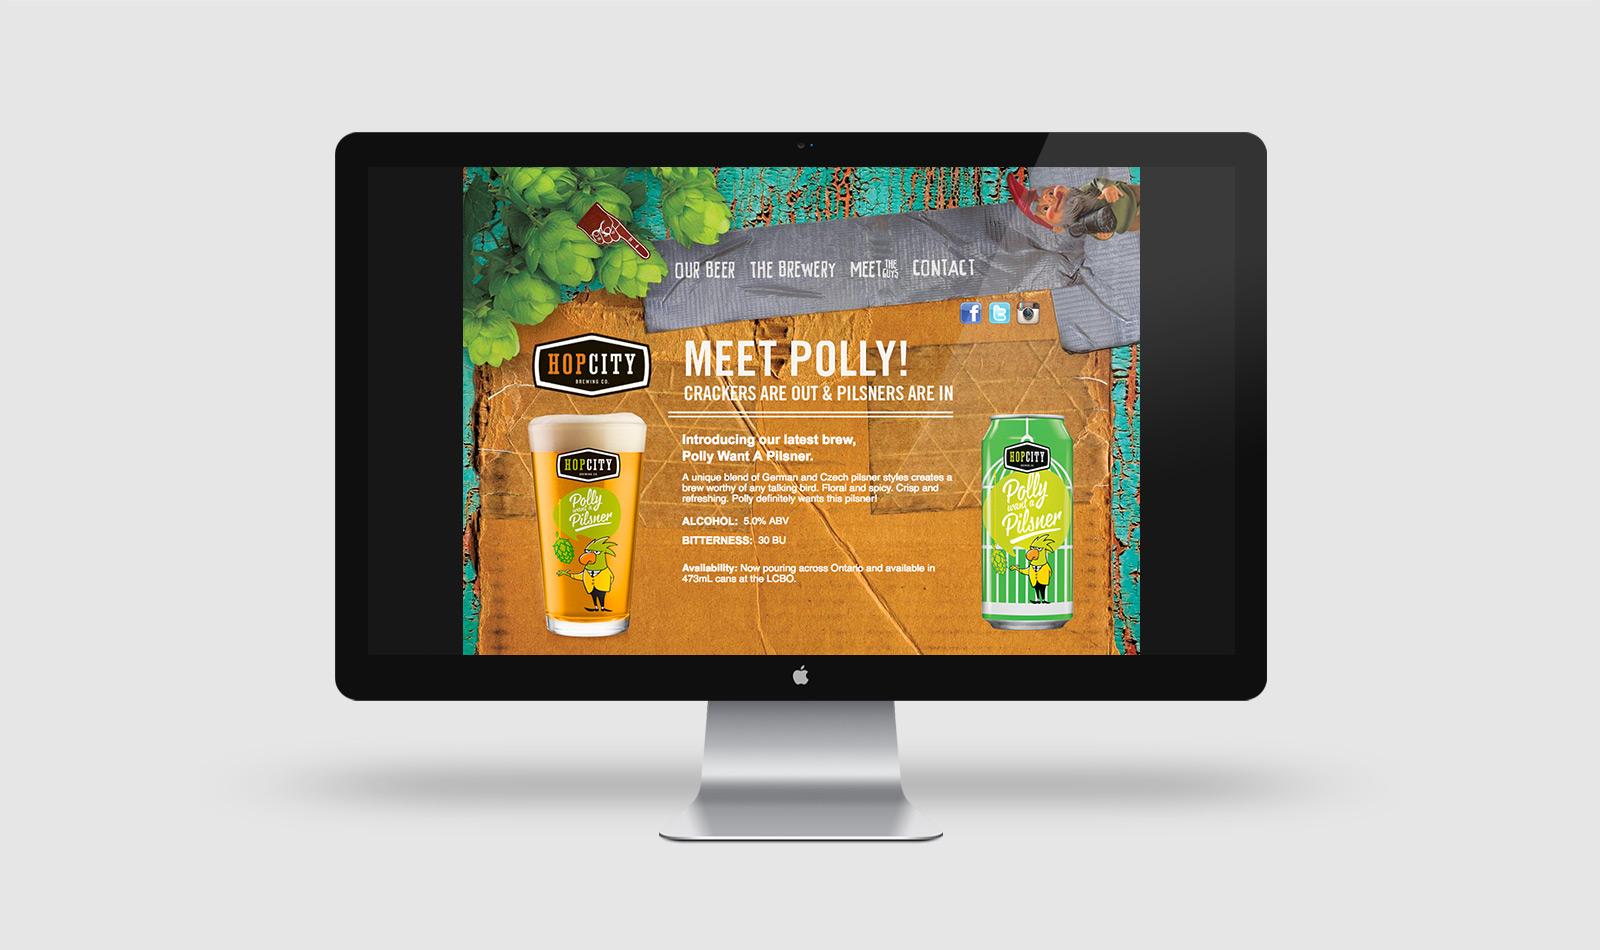 Hop City - Web Site